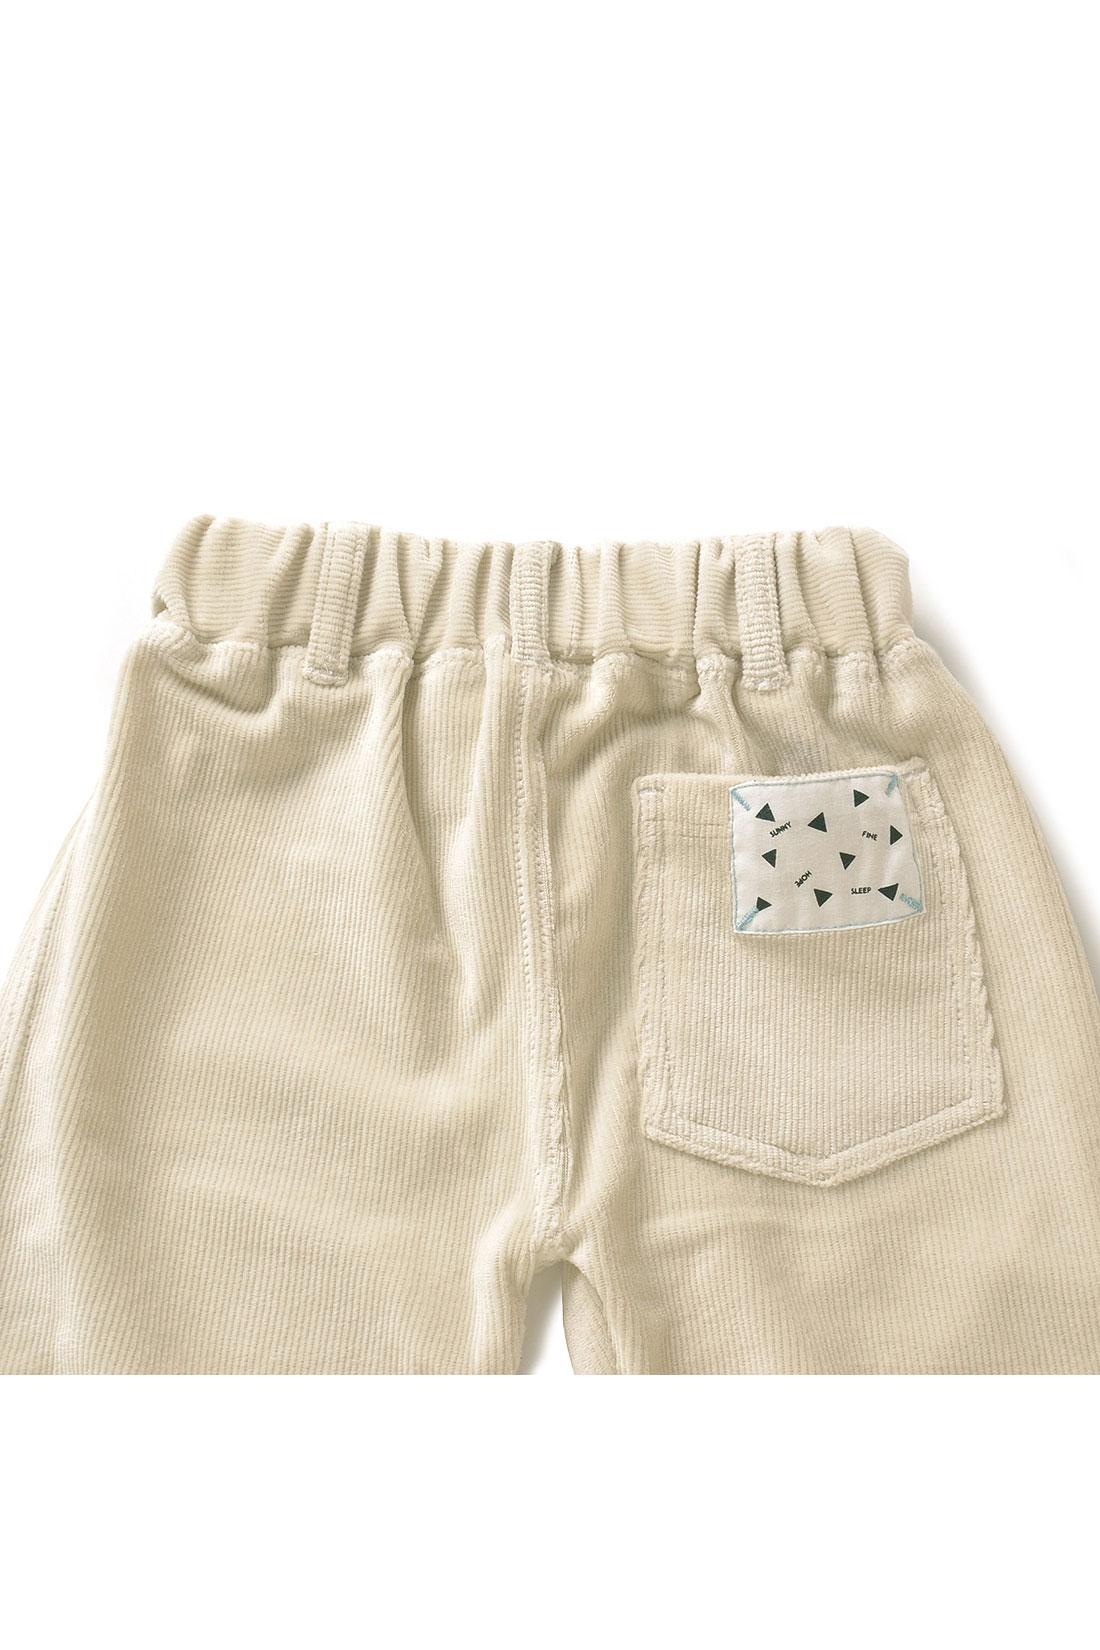 Back 後ろポケットには配色のステッチがきいたオリジナルデザインのタグも。